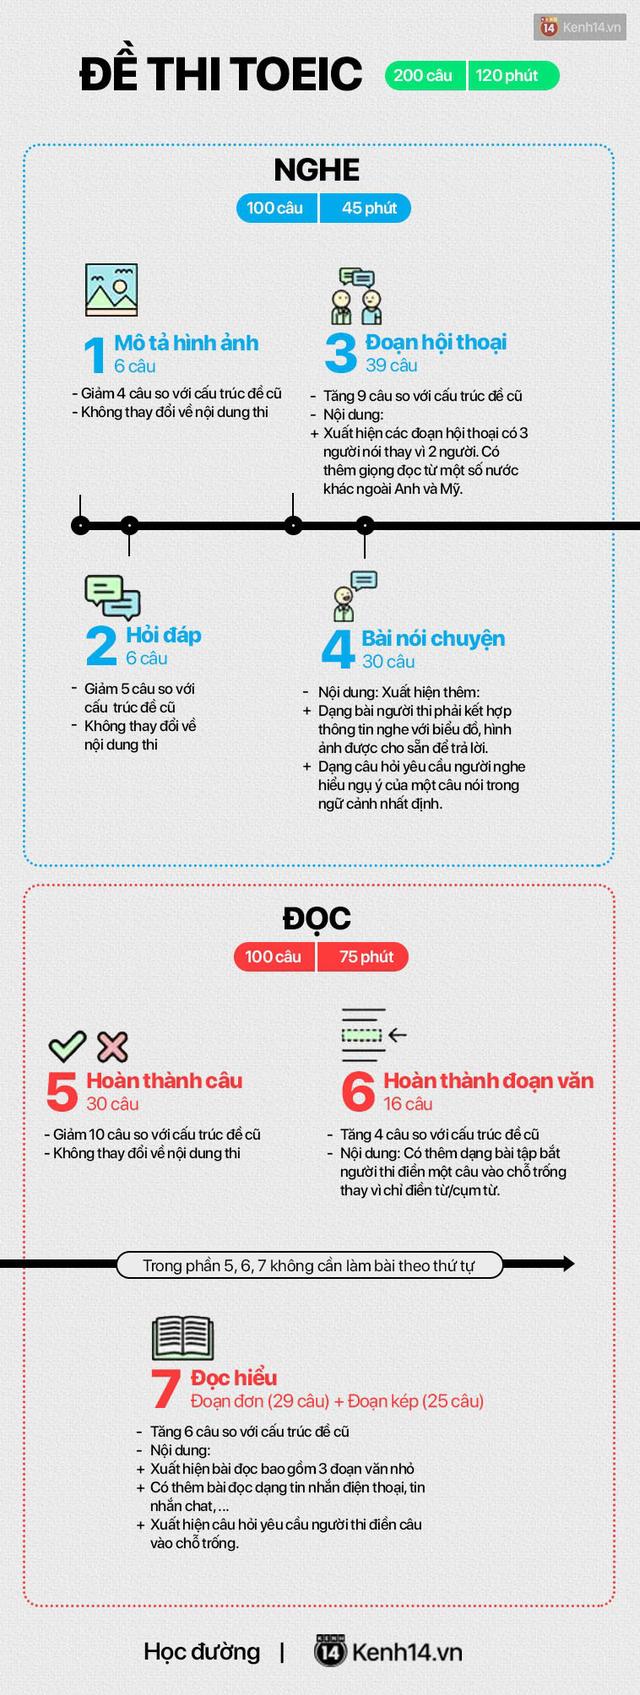 Infographic: Tất tần tật những điểm mới trong đề thi TOEIC được áp dụng tại Việt Nam từ 15/02/2019 - Ảnh 4.